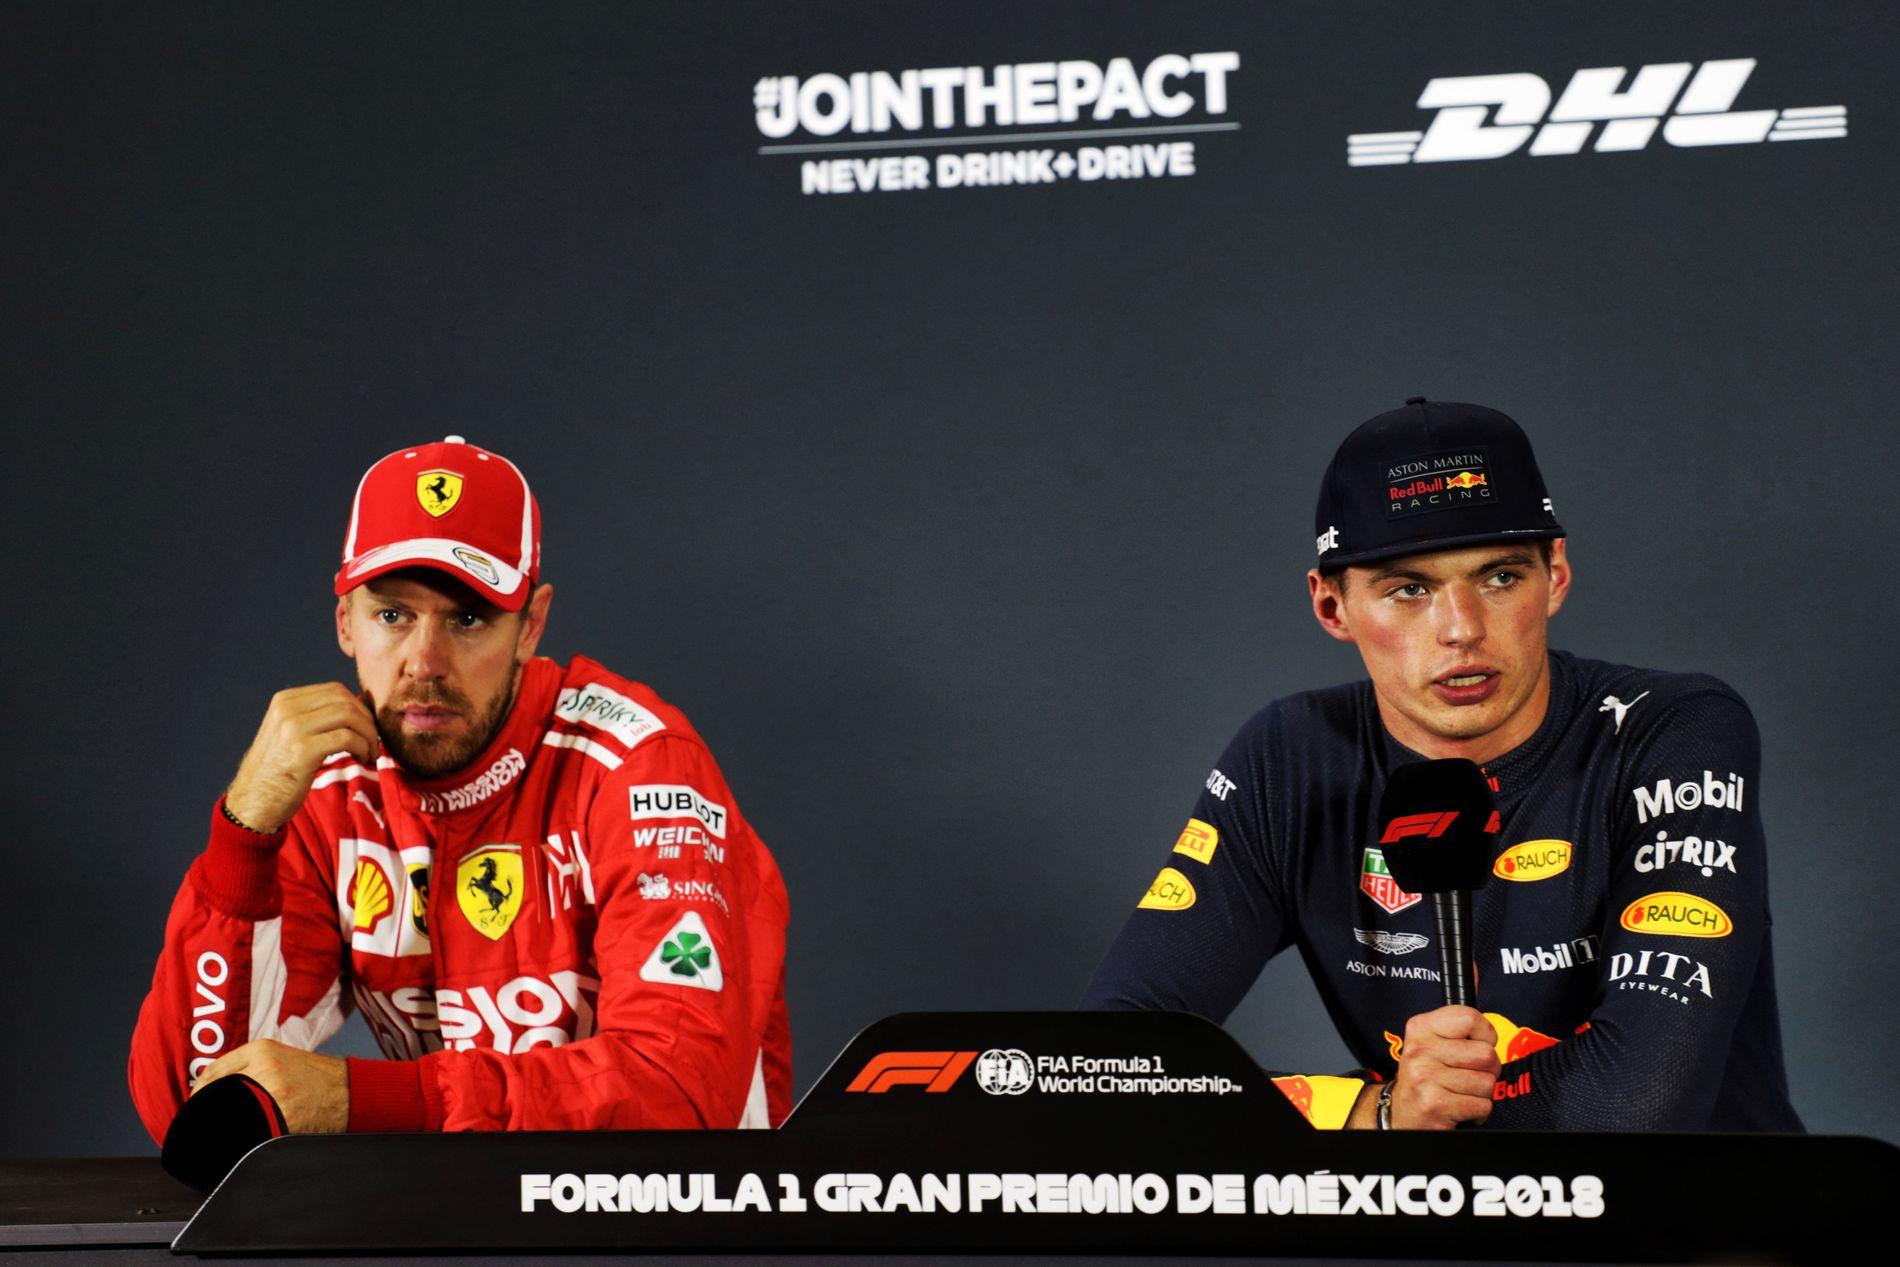 KALD STEMNING: De hadde roet seg etter målgang, men det var ingen tvil om at Max Verstappen (t.h) ikke var fornøyd med Sebastian Vettel. Her fra løpet i Mexico i fjor.